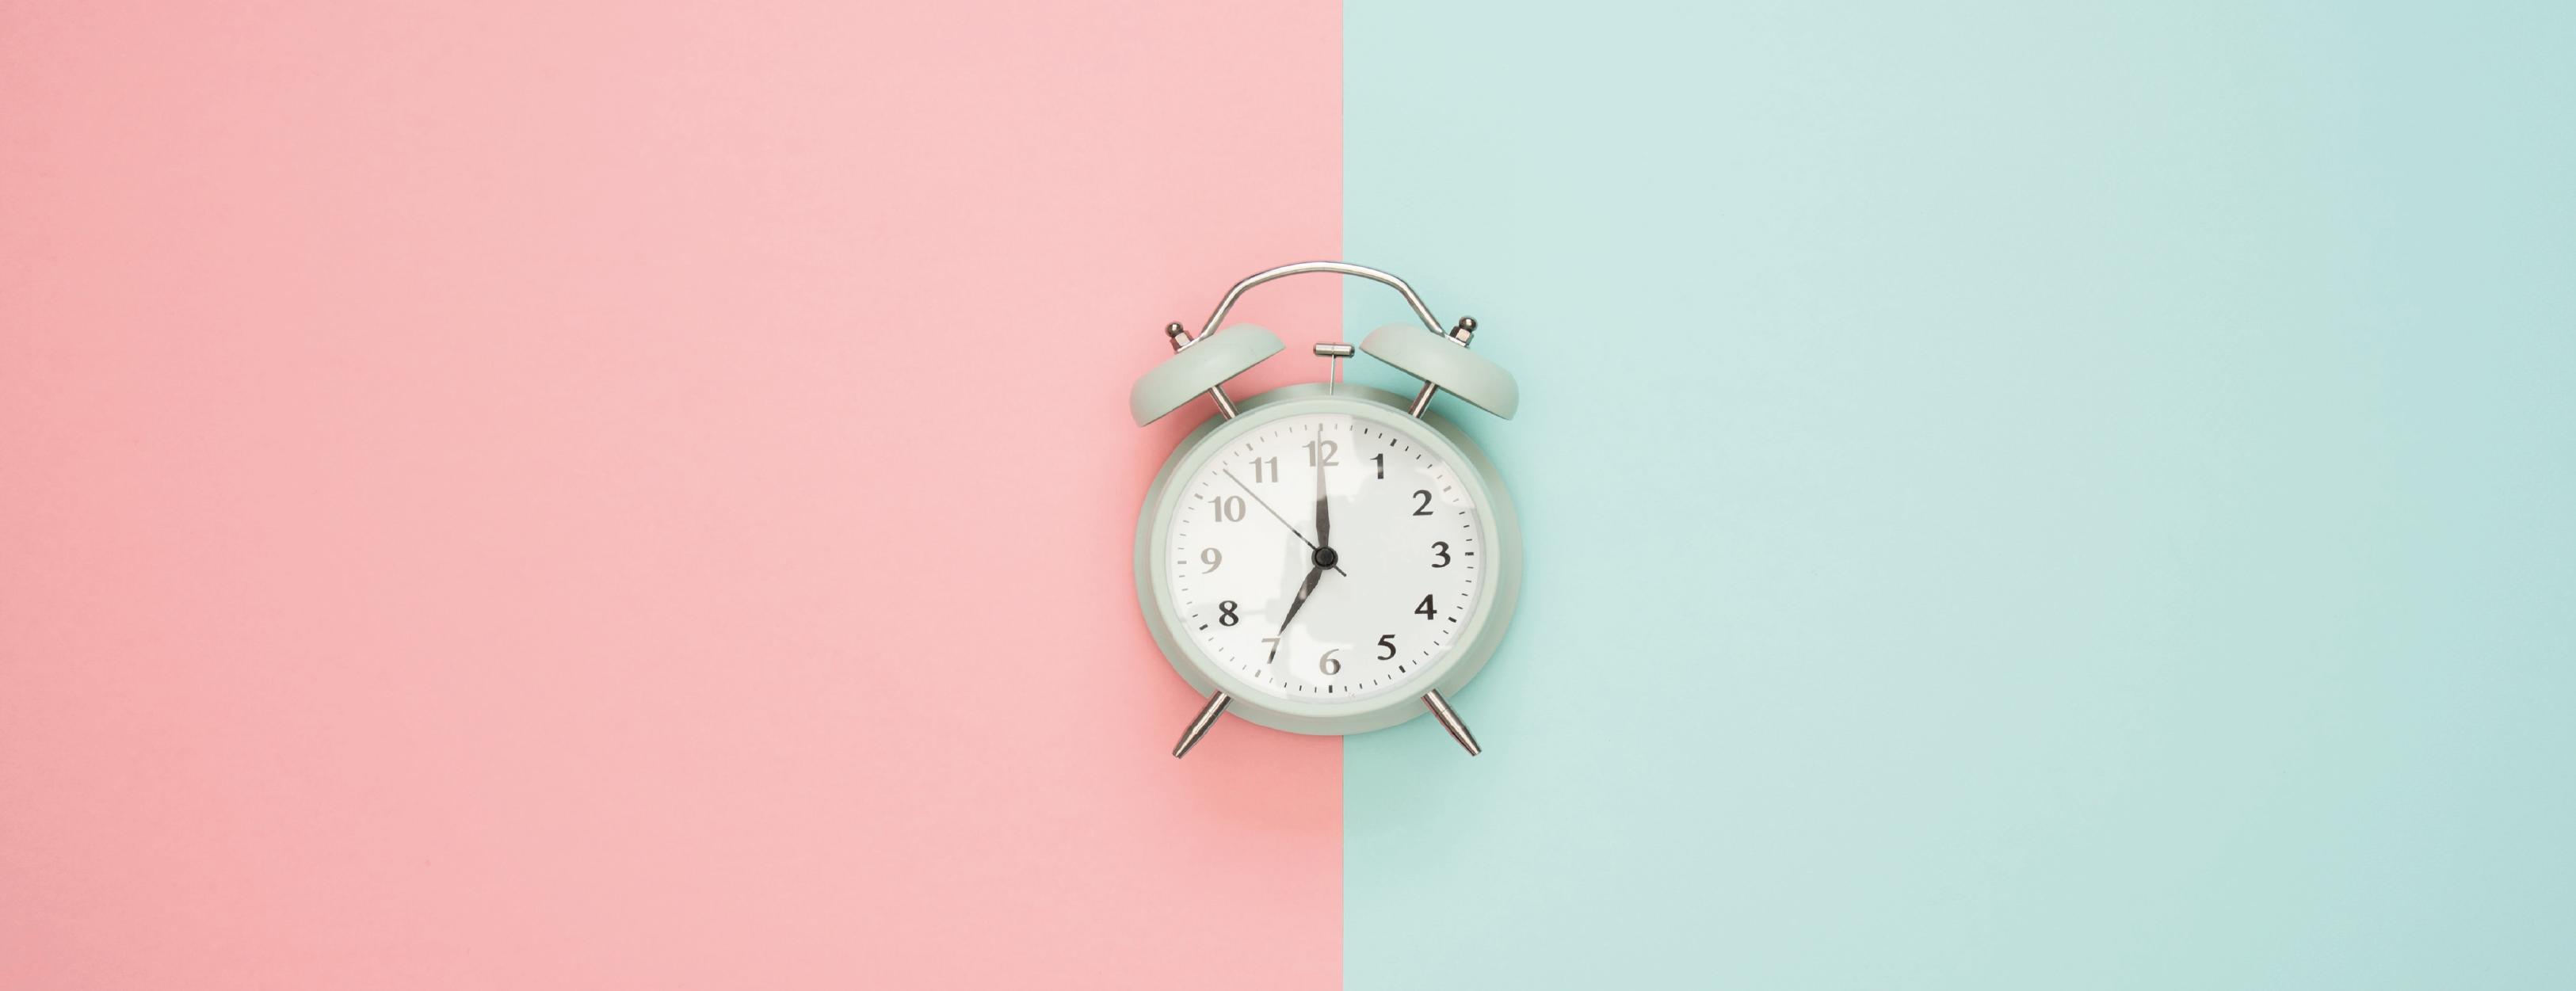 Kom igång med att mäta din rekrytering - tre enkla saker